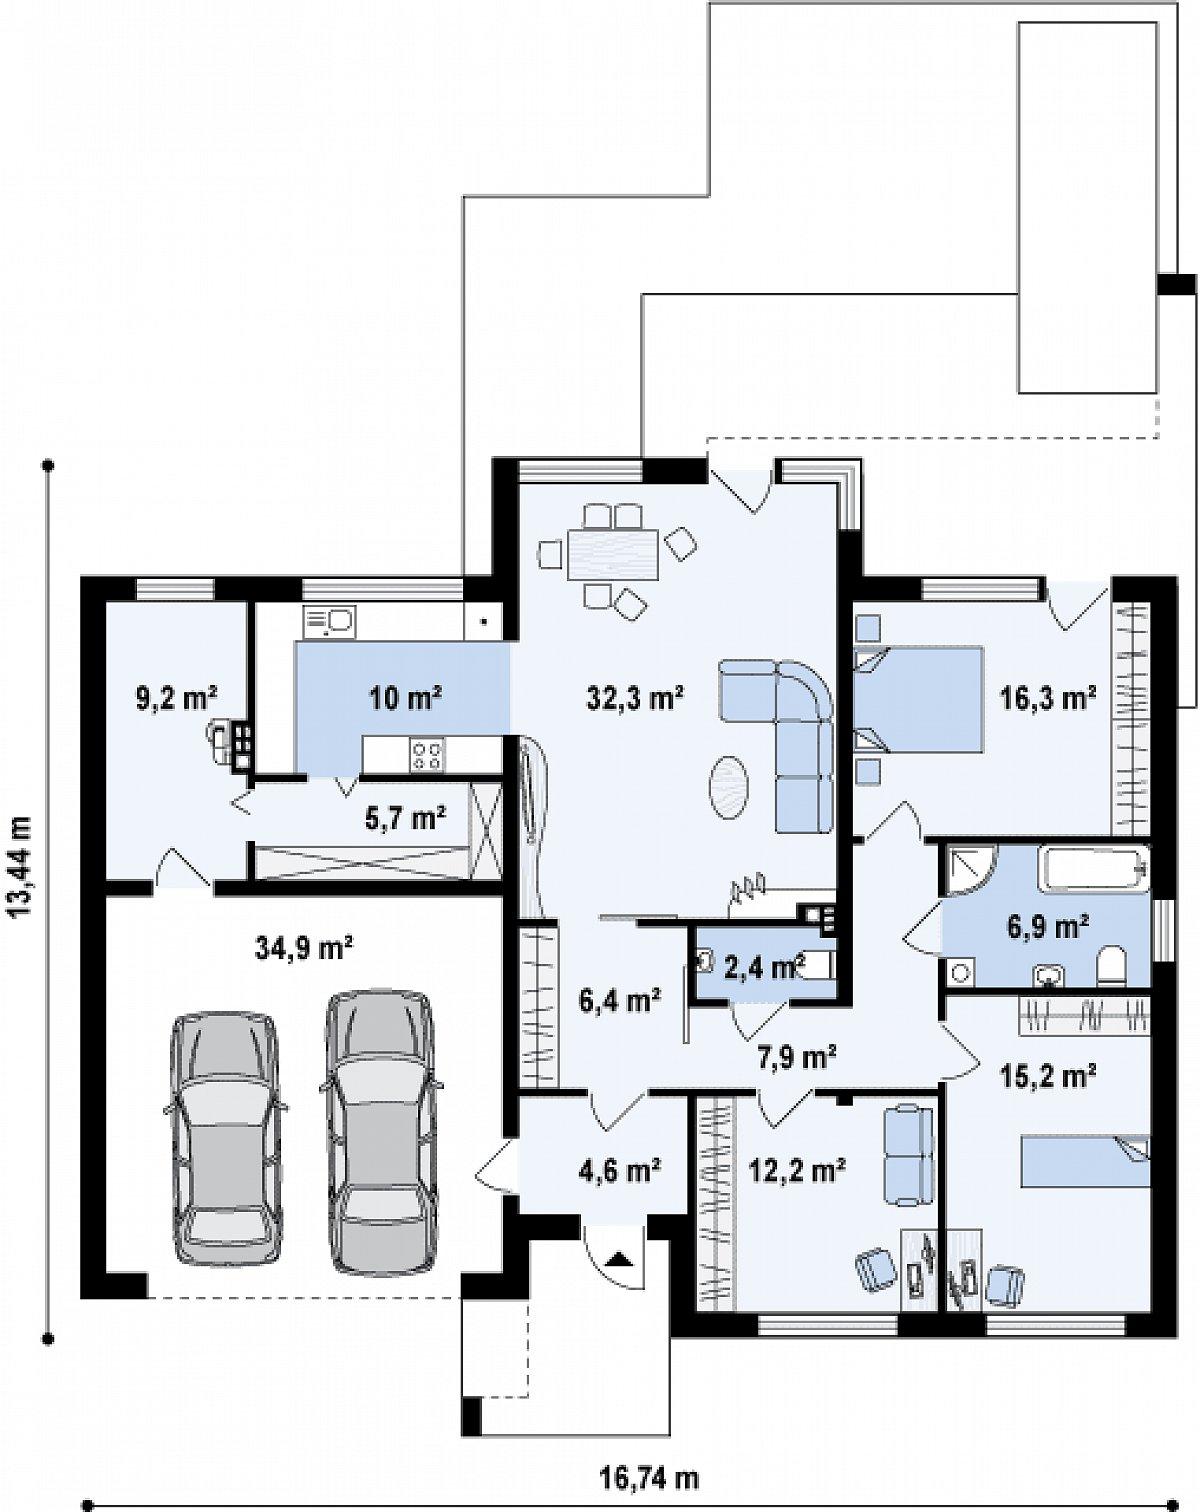 Первый этаж 129,1(164,0м²) дома Zx104